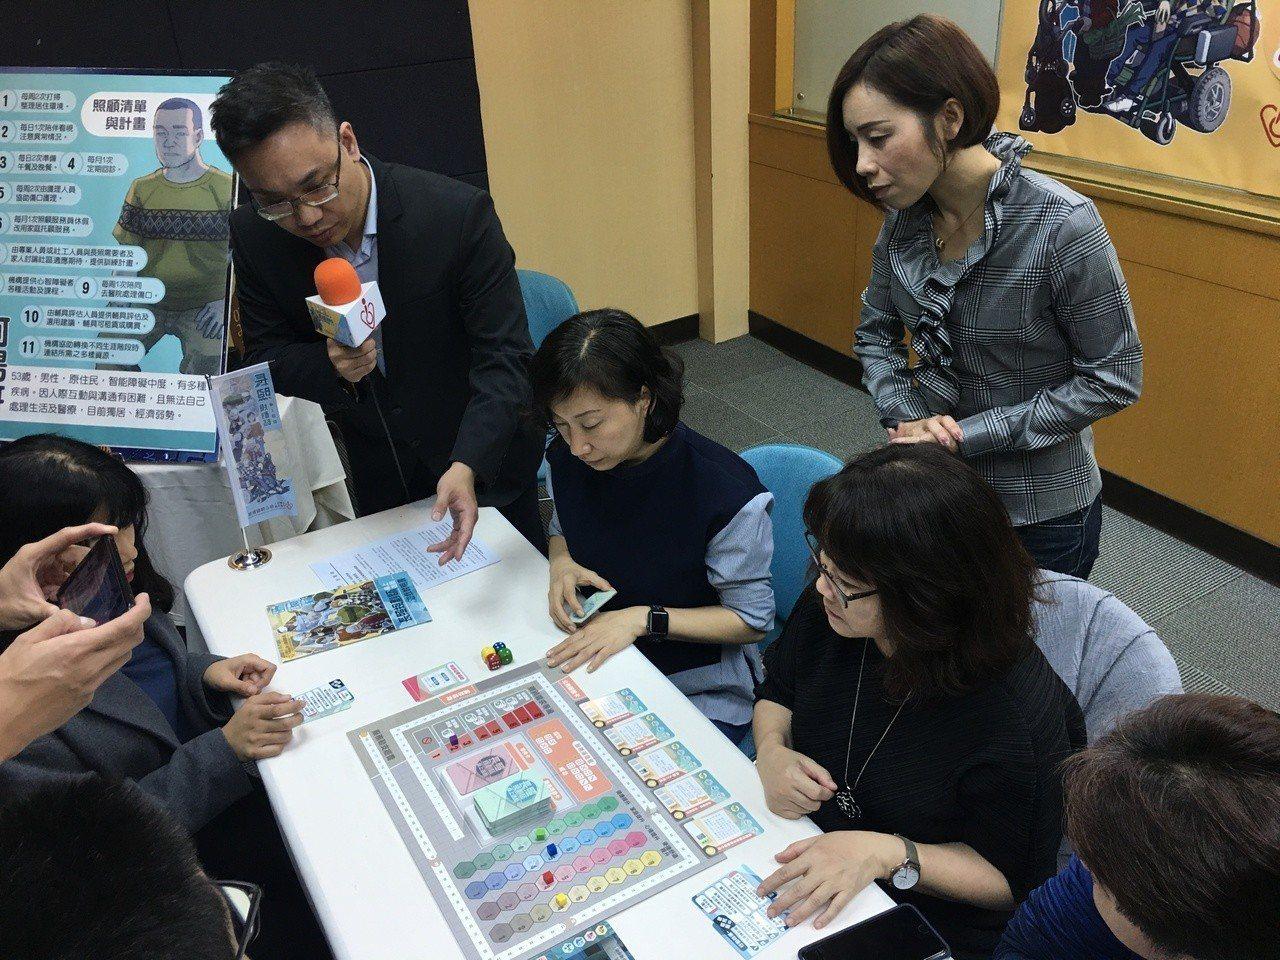 全台首款模擬長照2.0的「長照規畫師」桌遊出爐,以寓教於樂方式讓民眾認識長照。記...